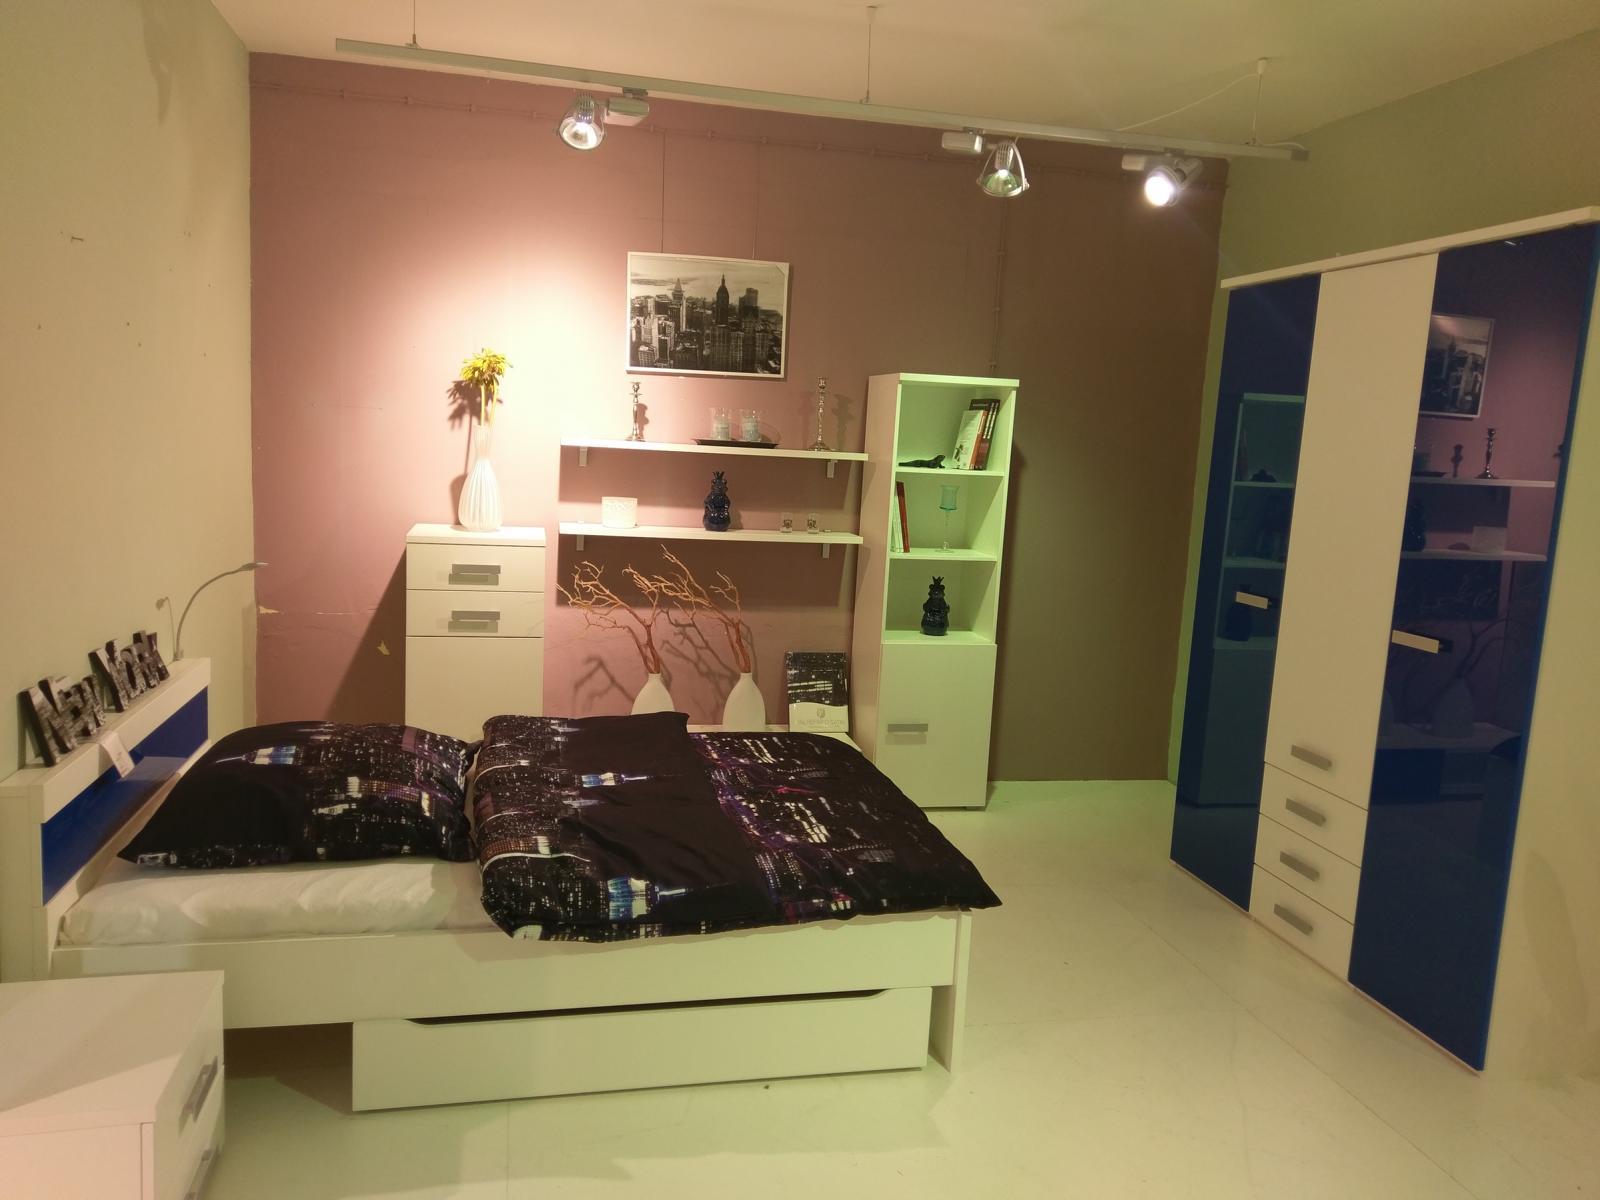 Bettanlage Mit Kleiderschrank Für Jugendzimmer Röhr Abverkaufmöbel